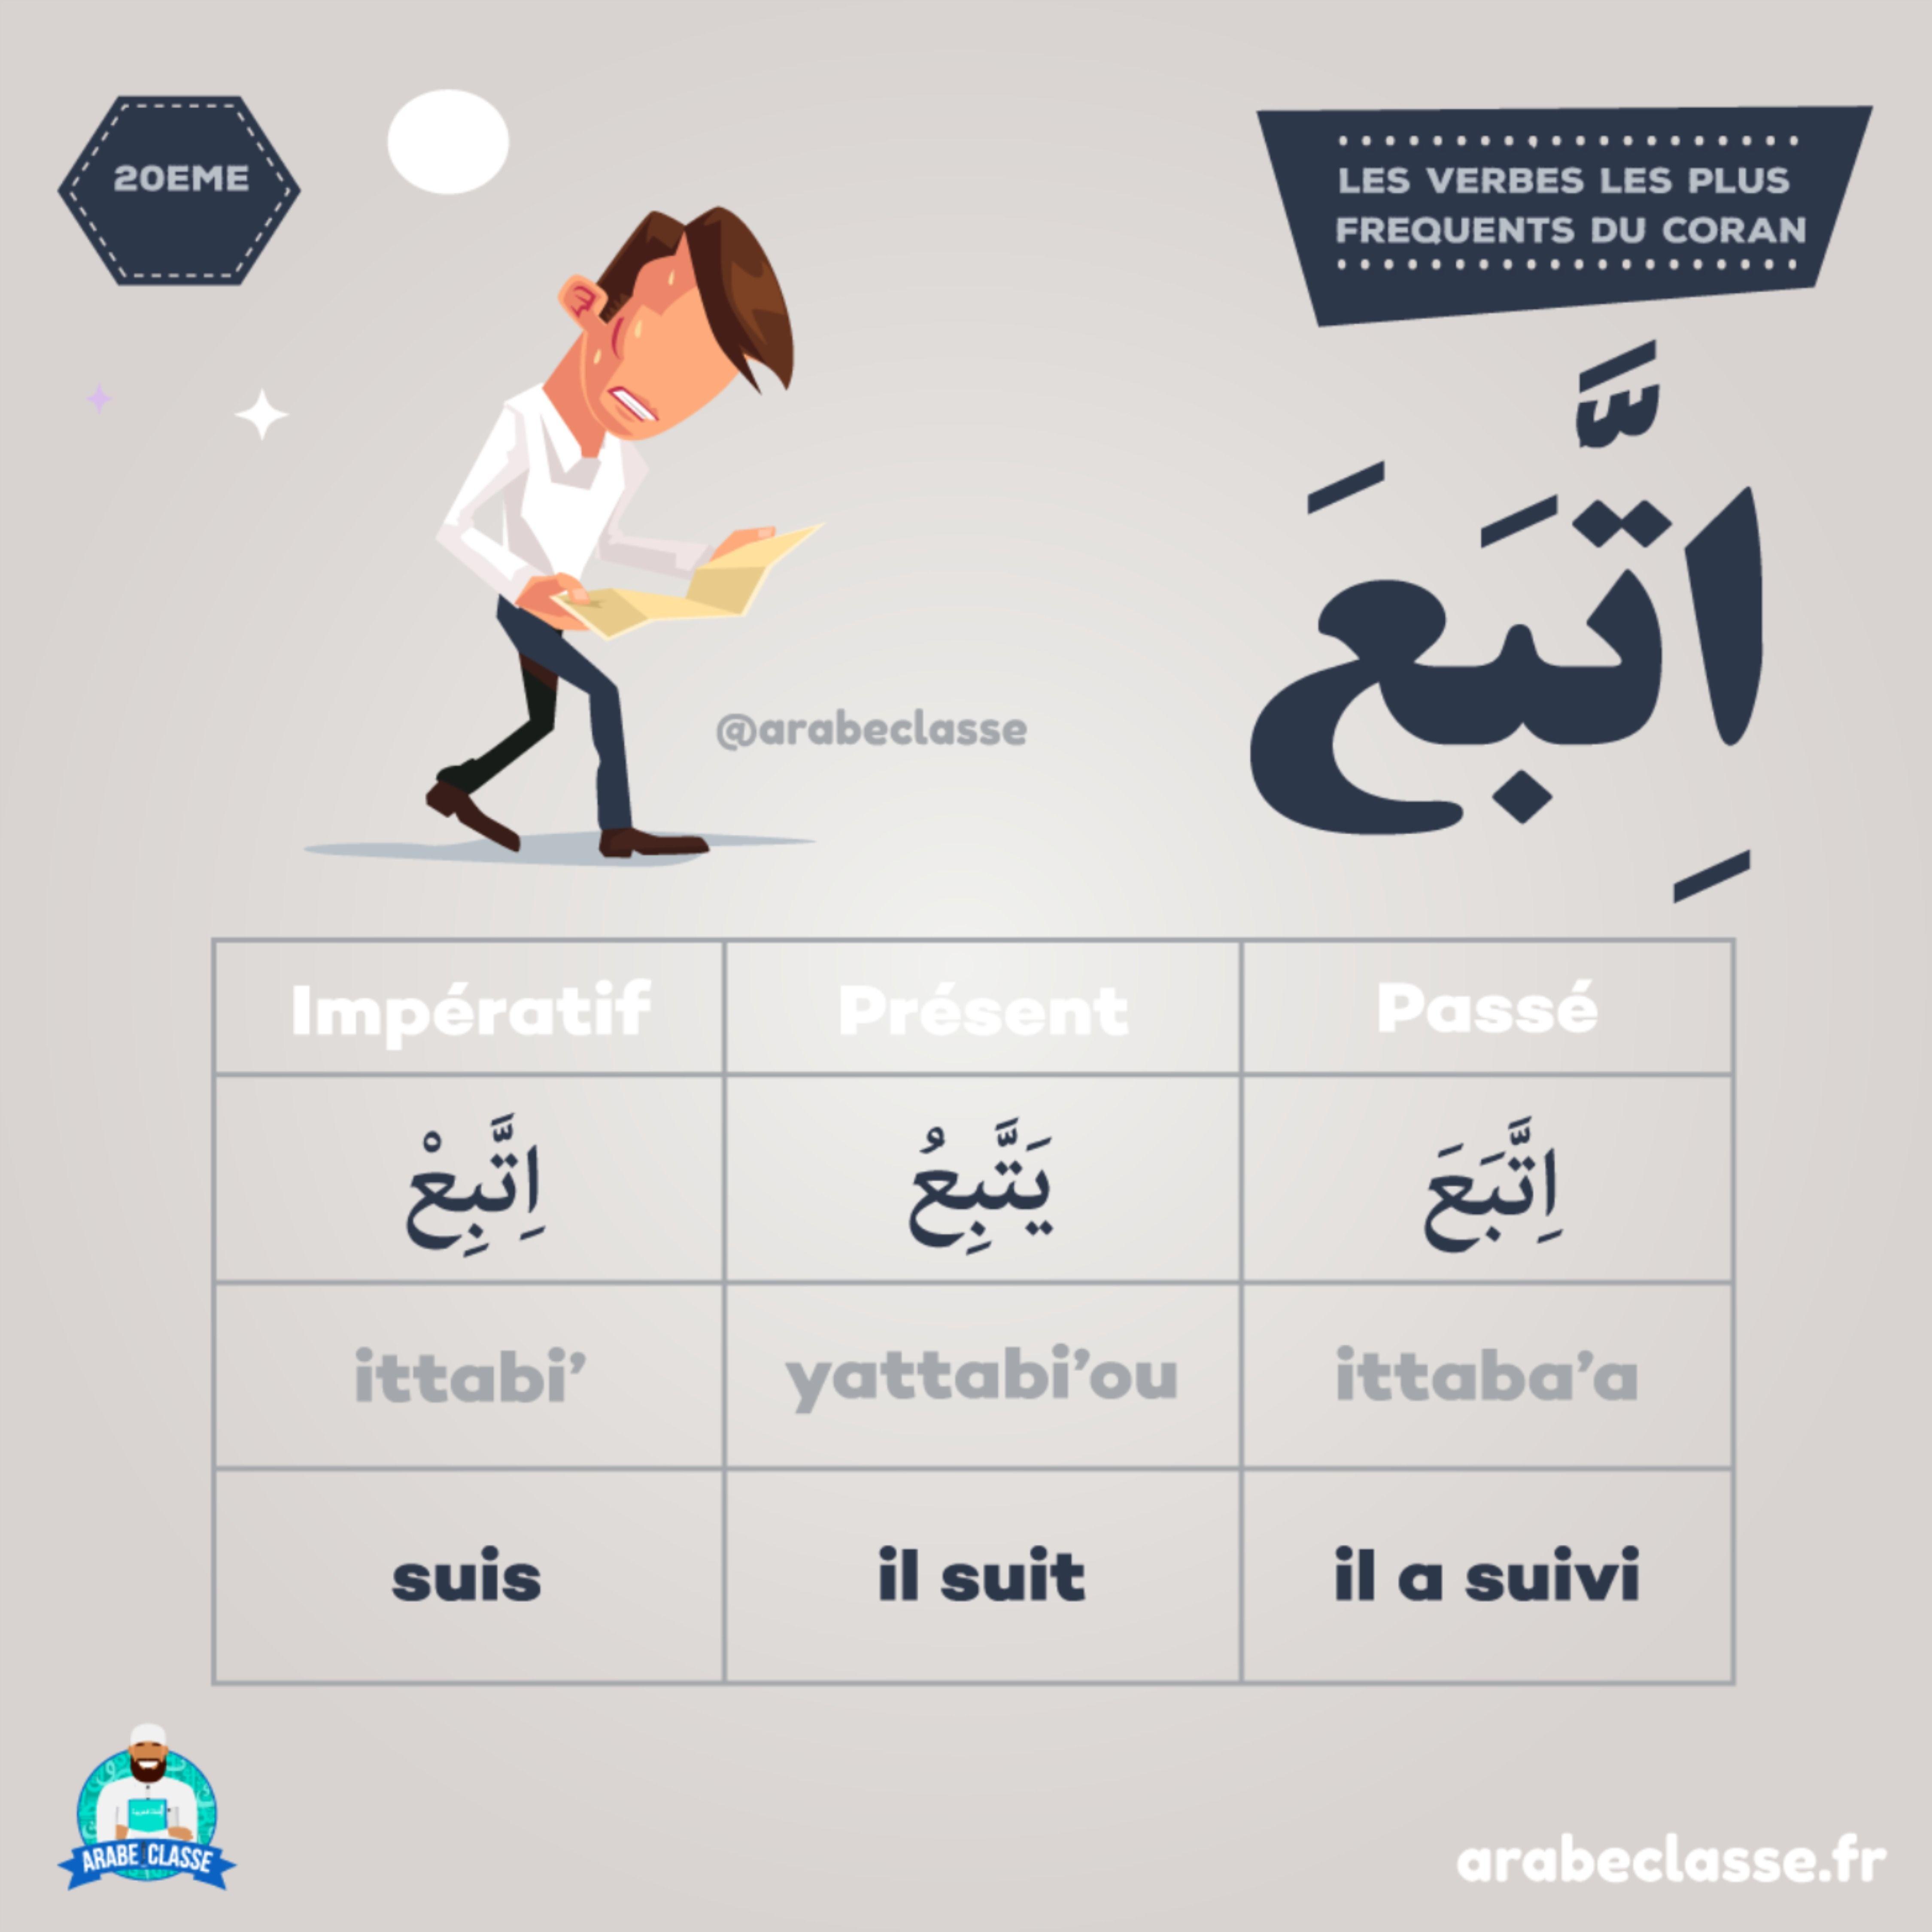 Les Verbes Du Coran Les Plus Frequents Suivre Apprendre L Arabe Cours D Arabe Methode De Lecture